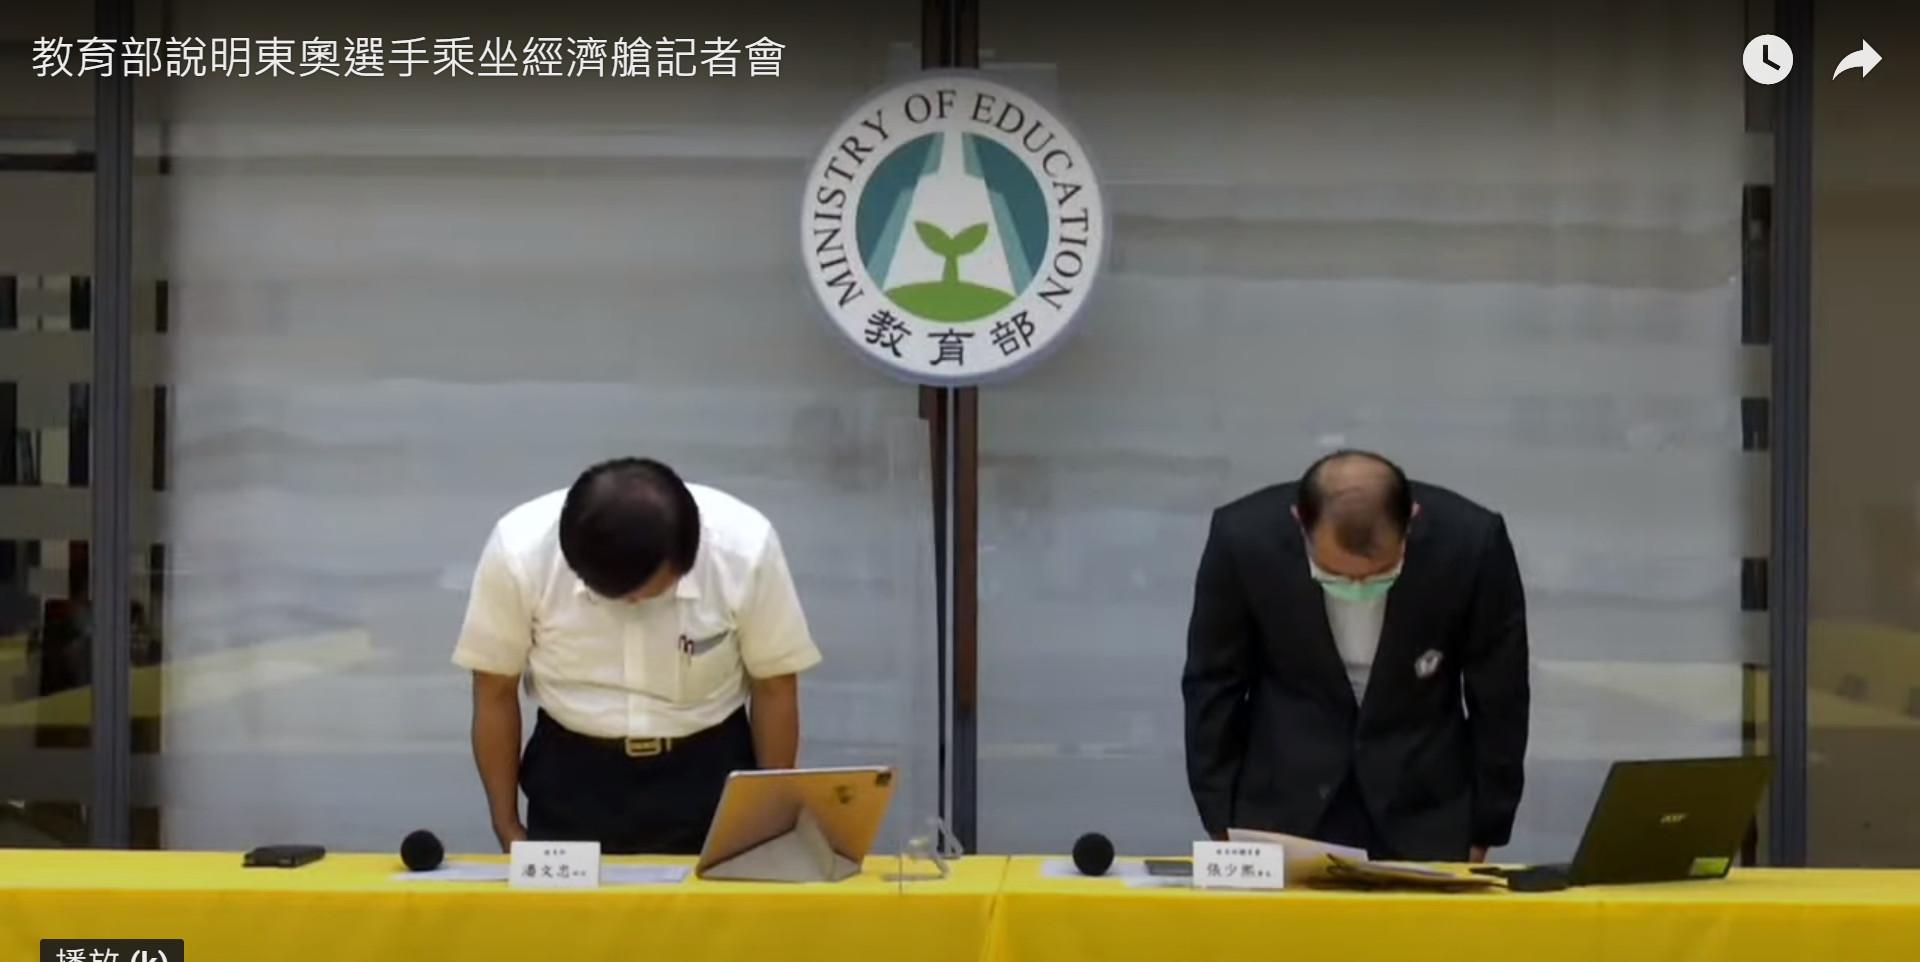 東京奧運,官僚,組織,領導力,法定權力,協會,教育部,體育署,戴資穎